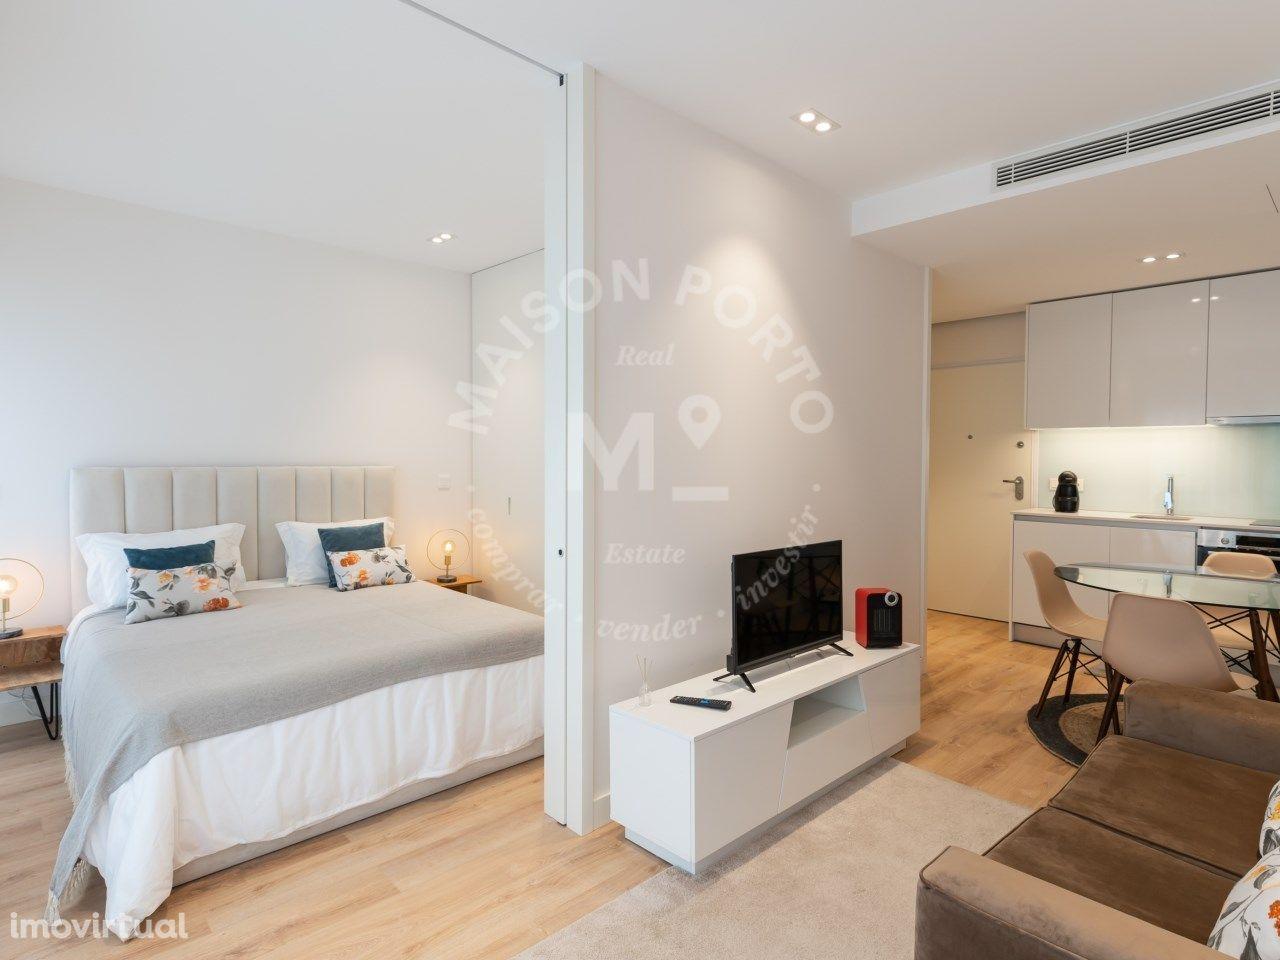 Apartamento T1 - City Studios em Condomínio Privado e Piscina